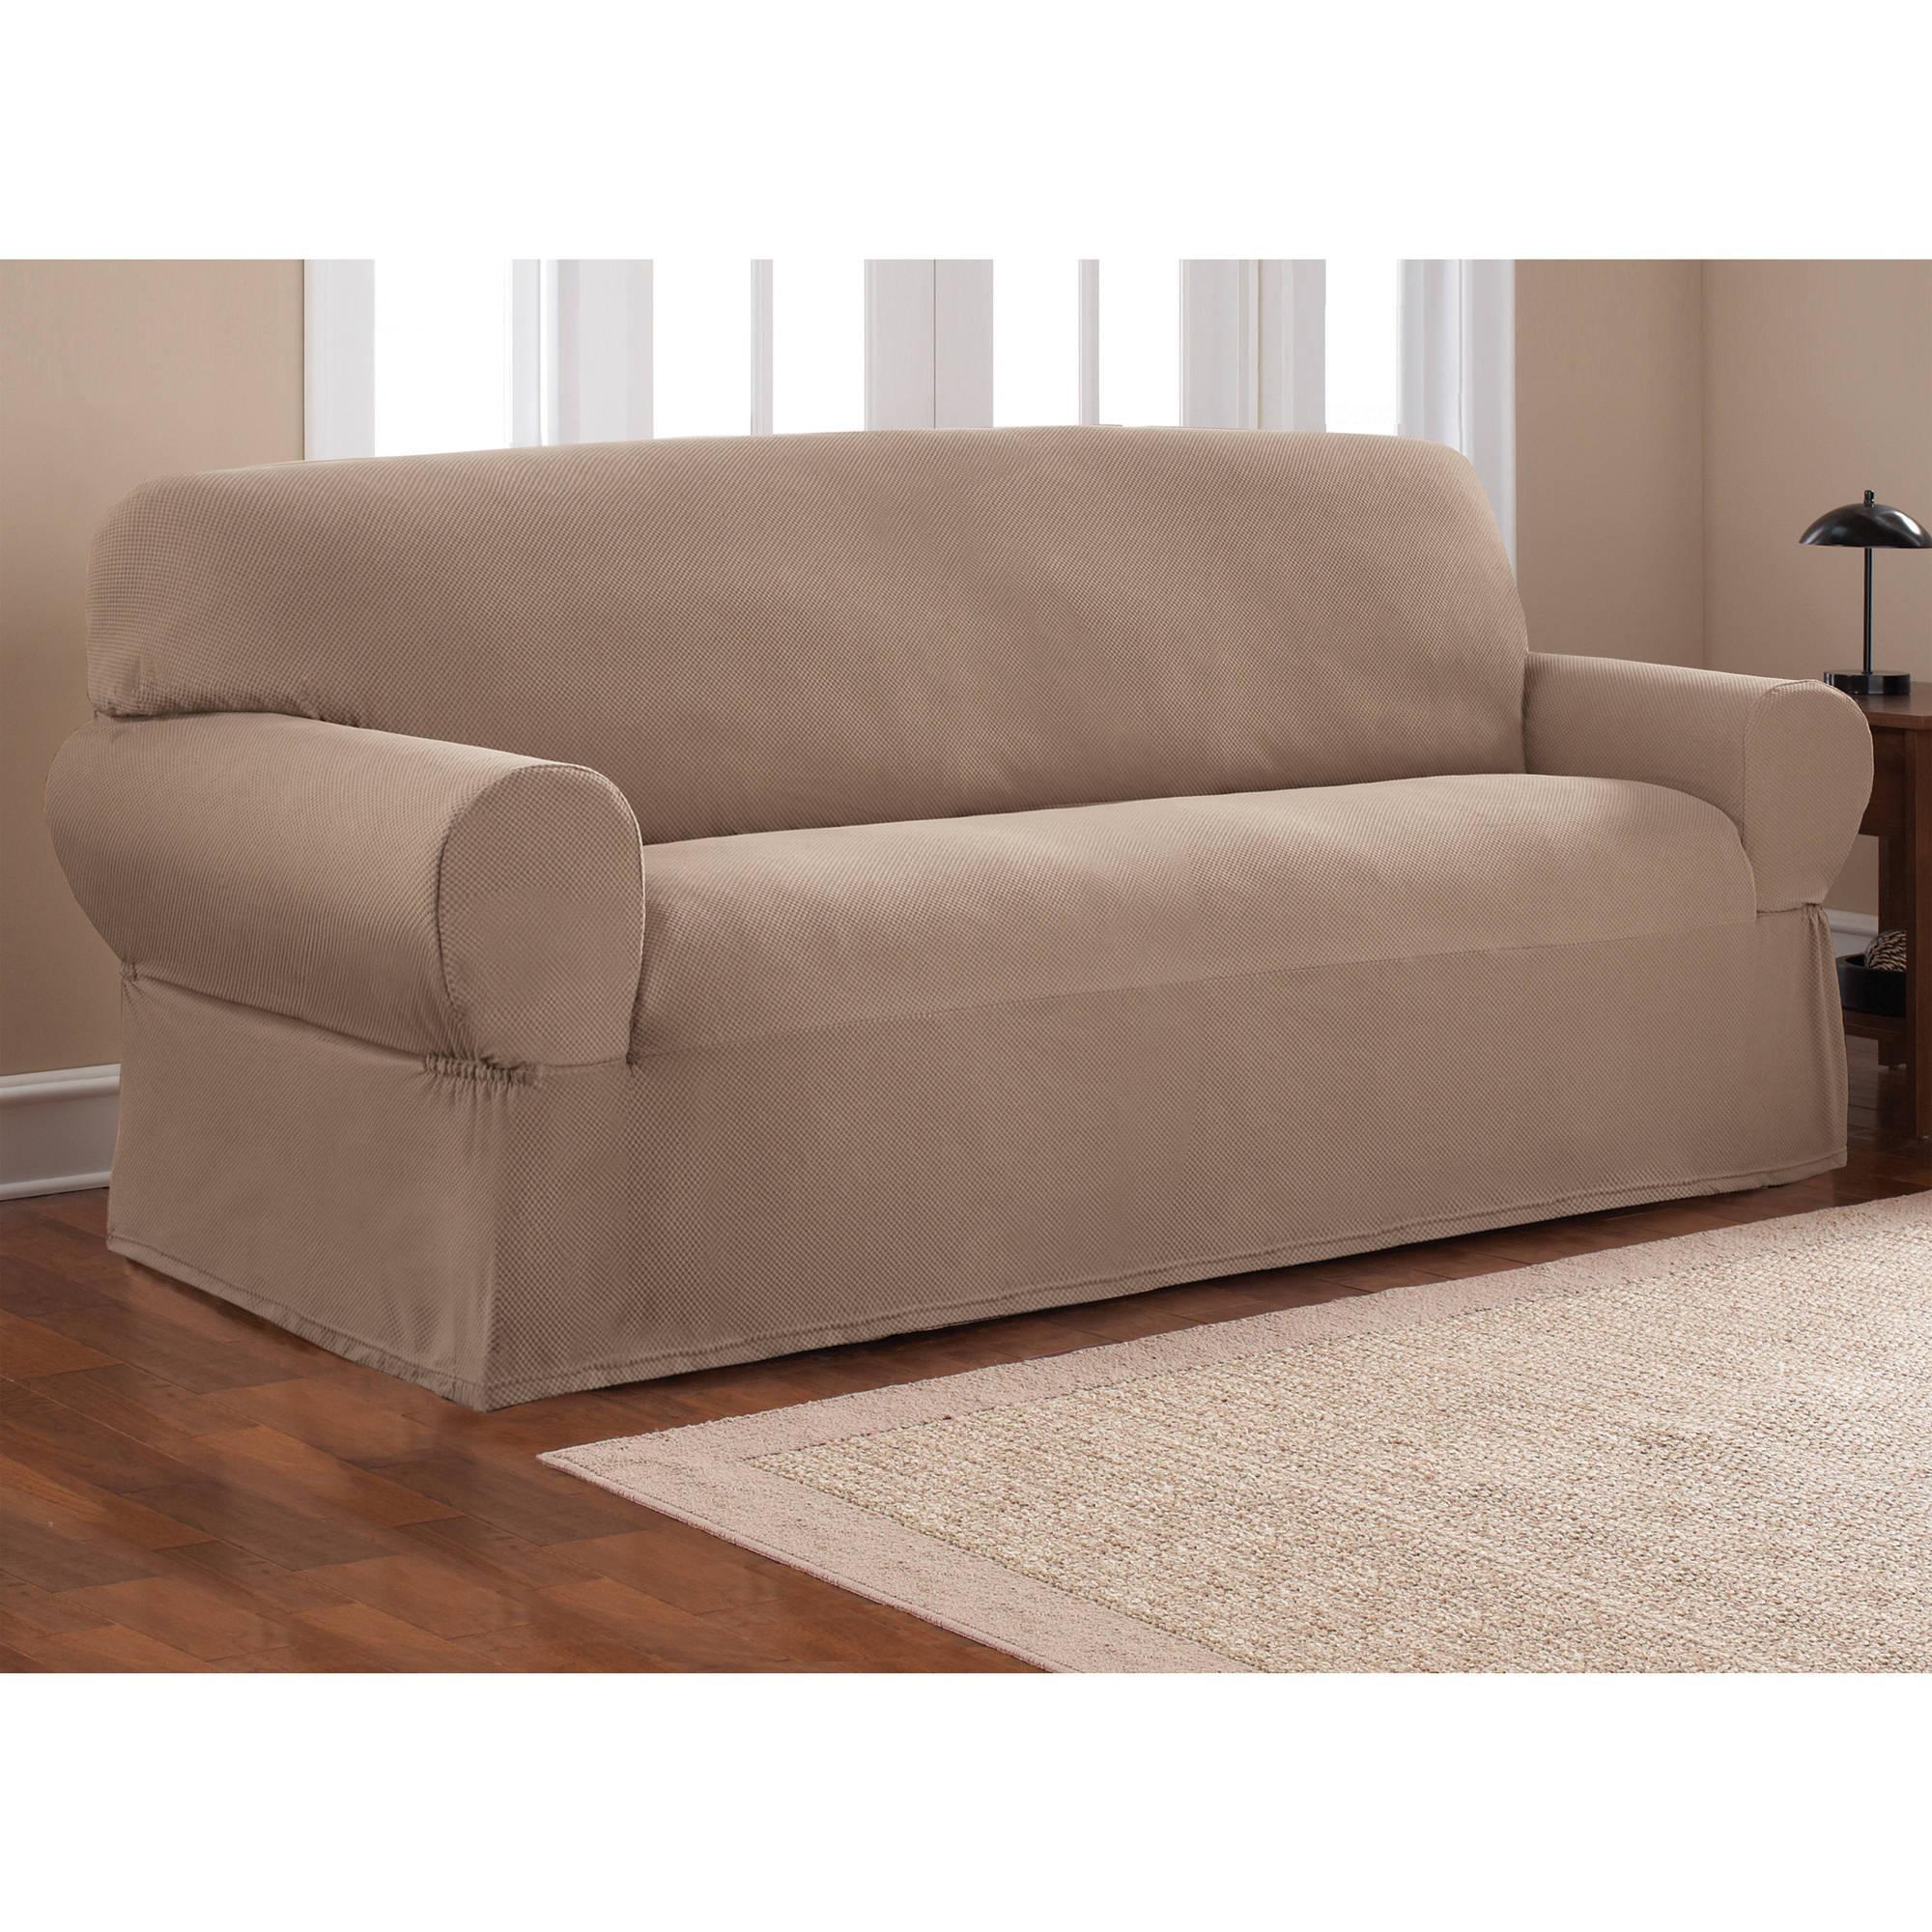 linen sofa slipcover designer clearance london 20 best ideas camelback slipcovers